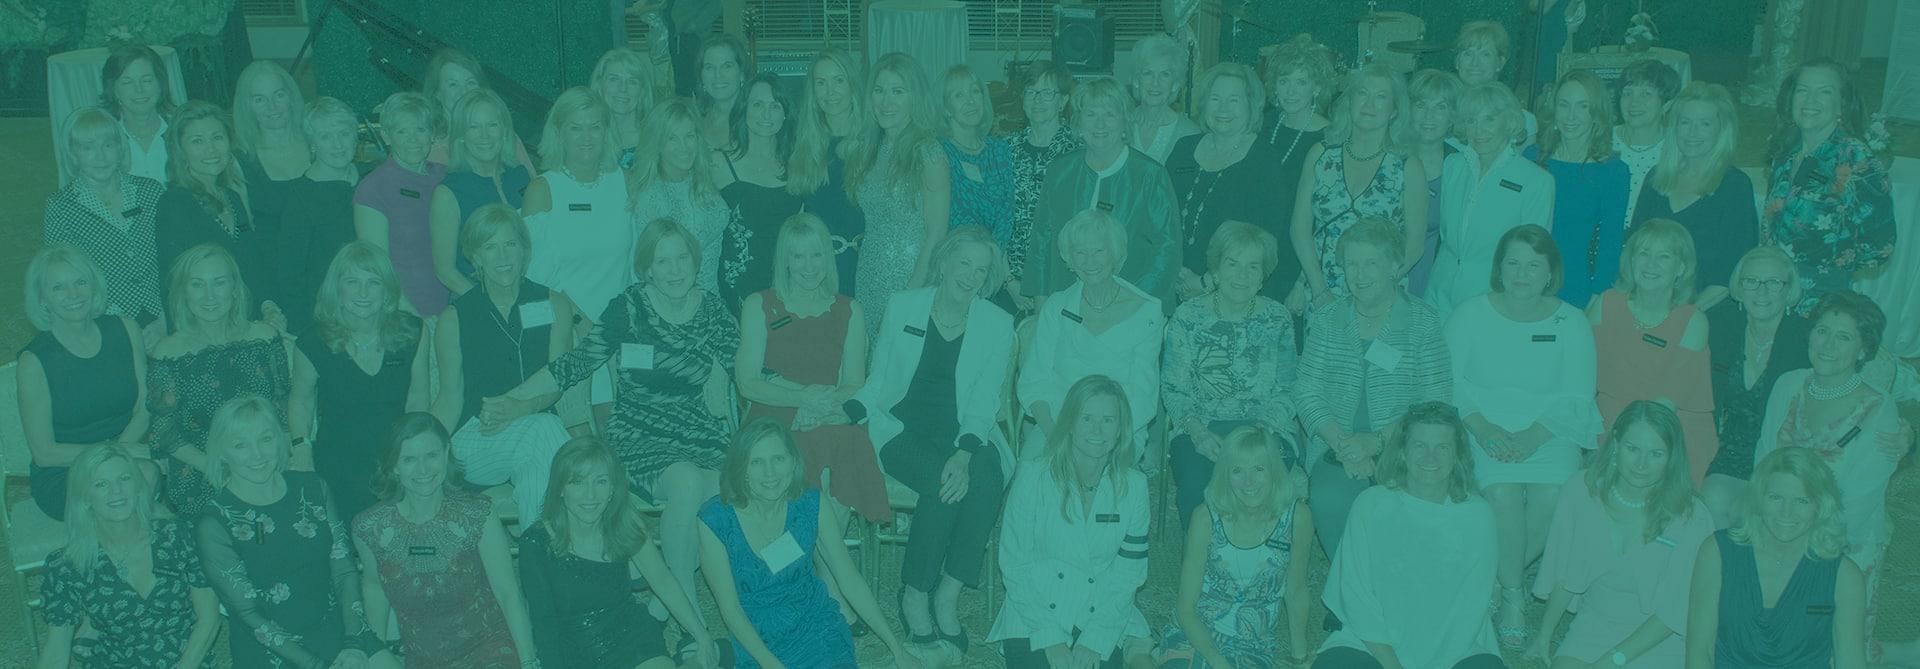 Rancho Santa Fe Fondation Women's Fund Header